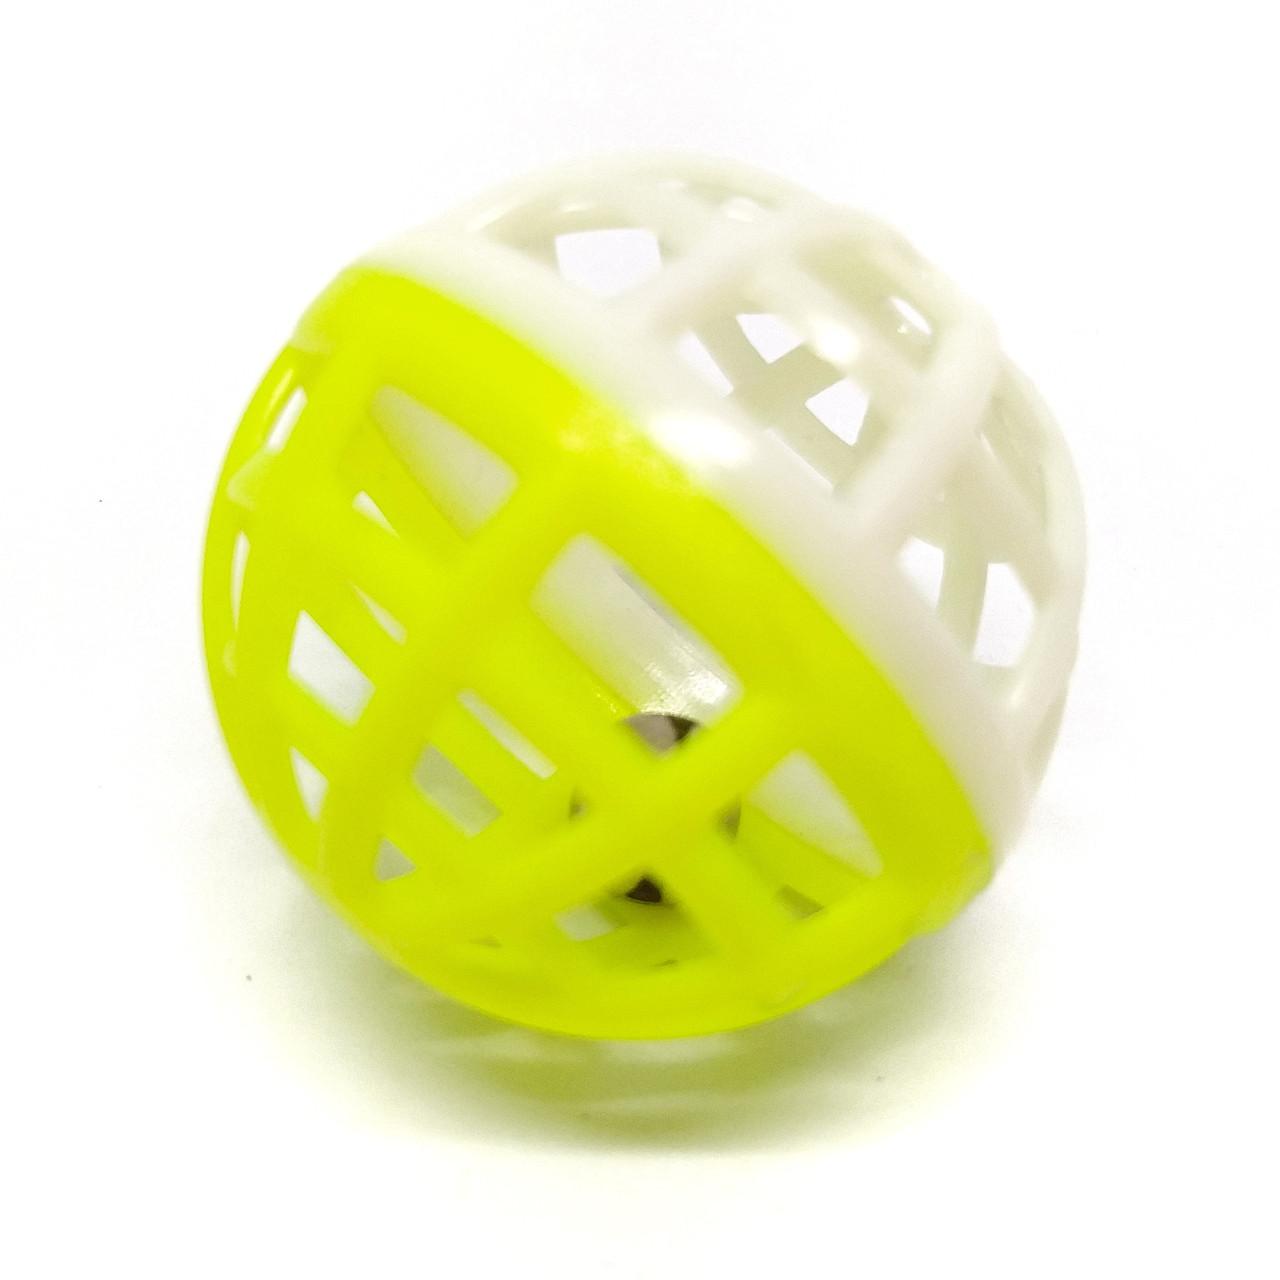 Игрушка для кошек Мячик-погремушка Zizi бело-жёлтый 4 см